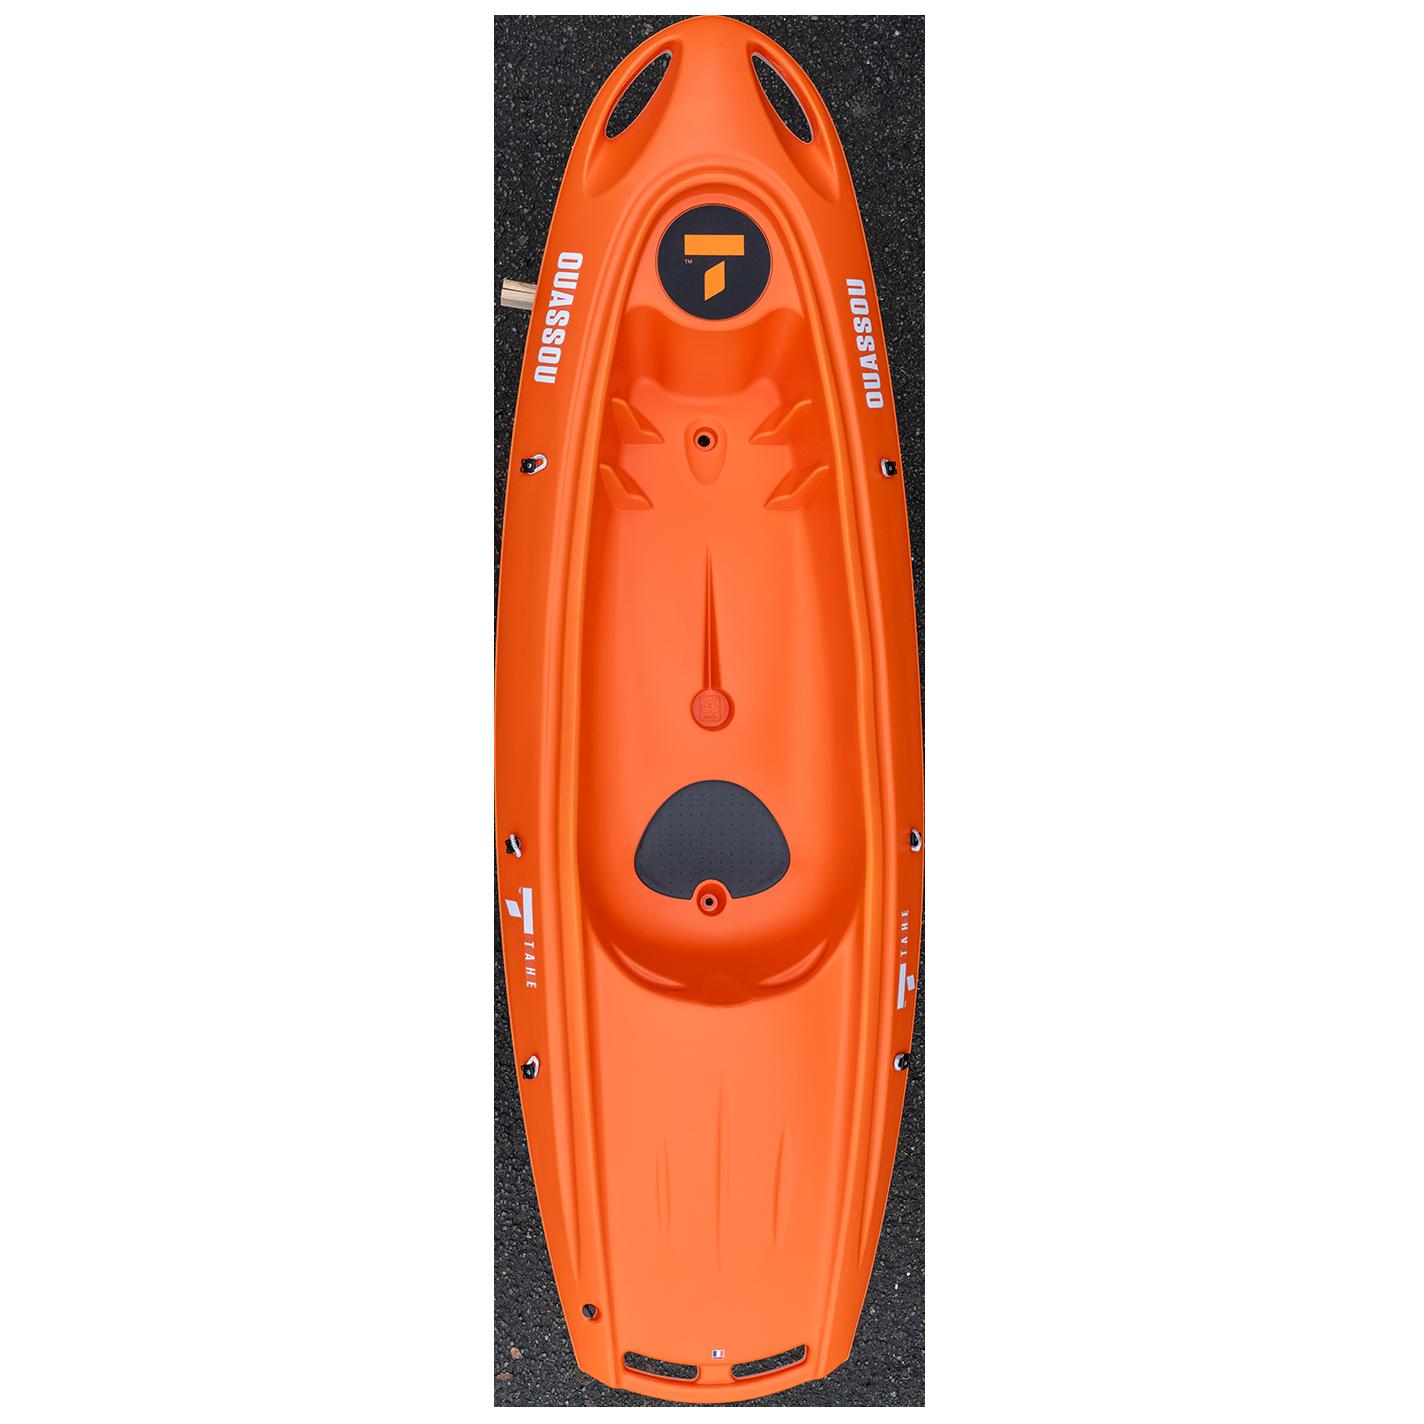 vente kayak guadeloupe kayak BIC guadeloupe